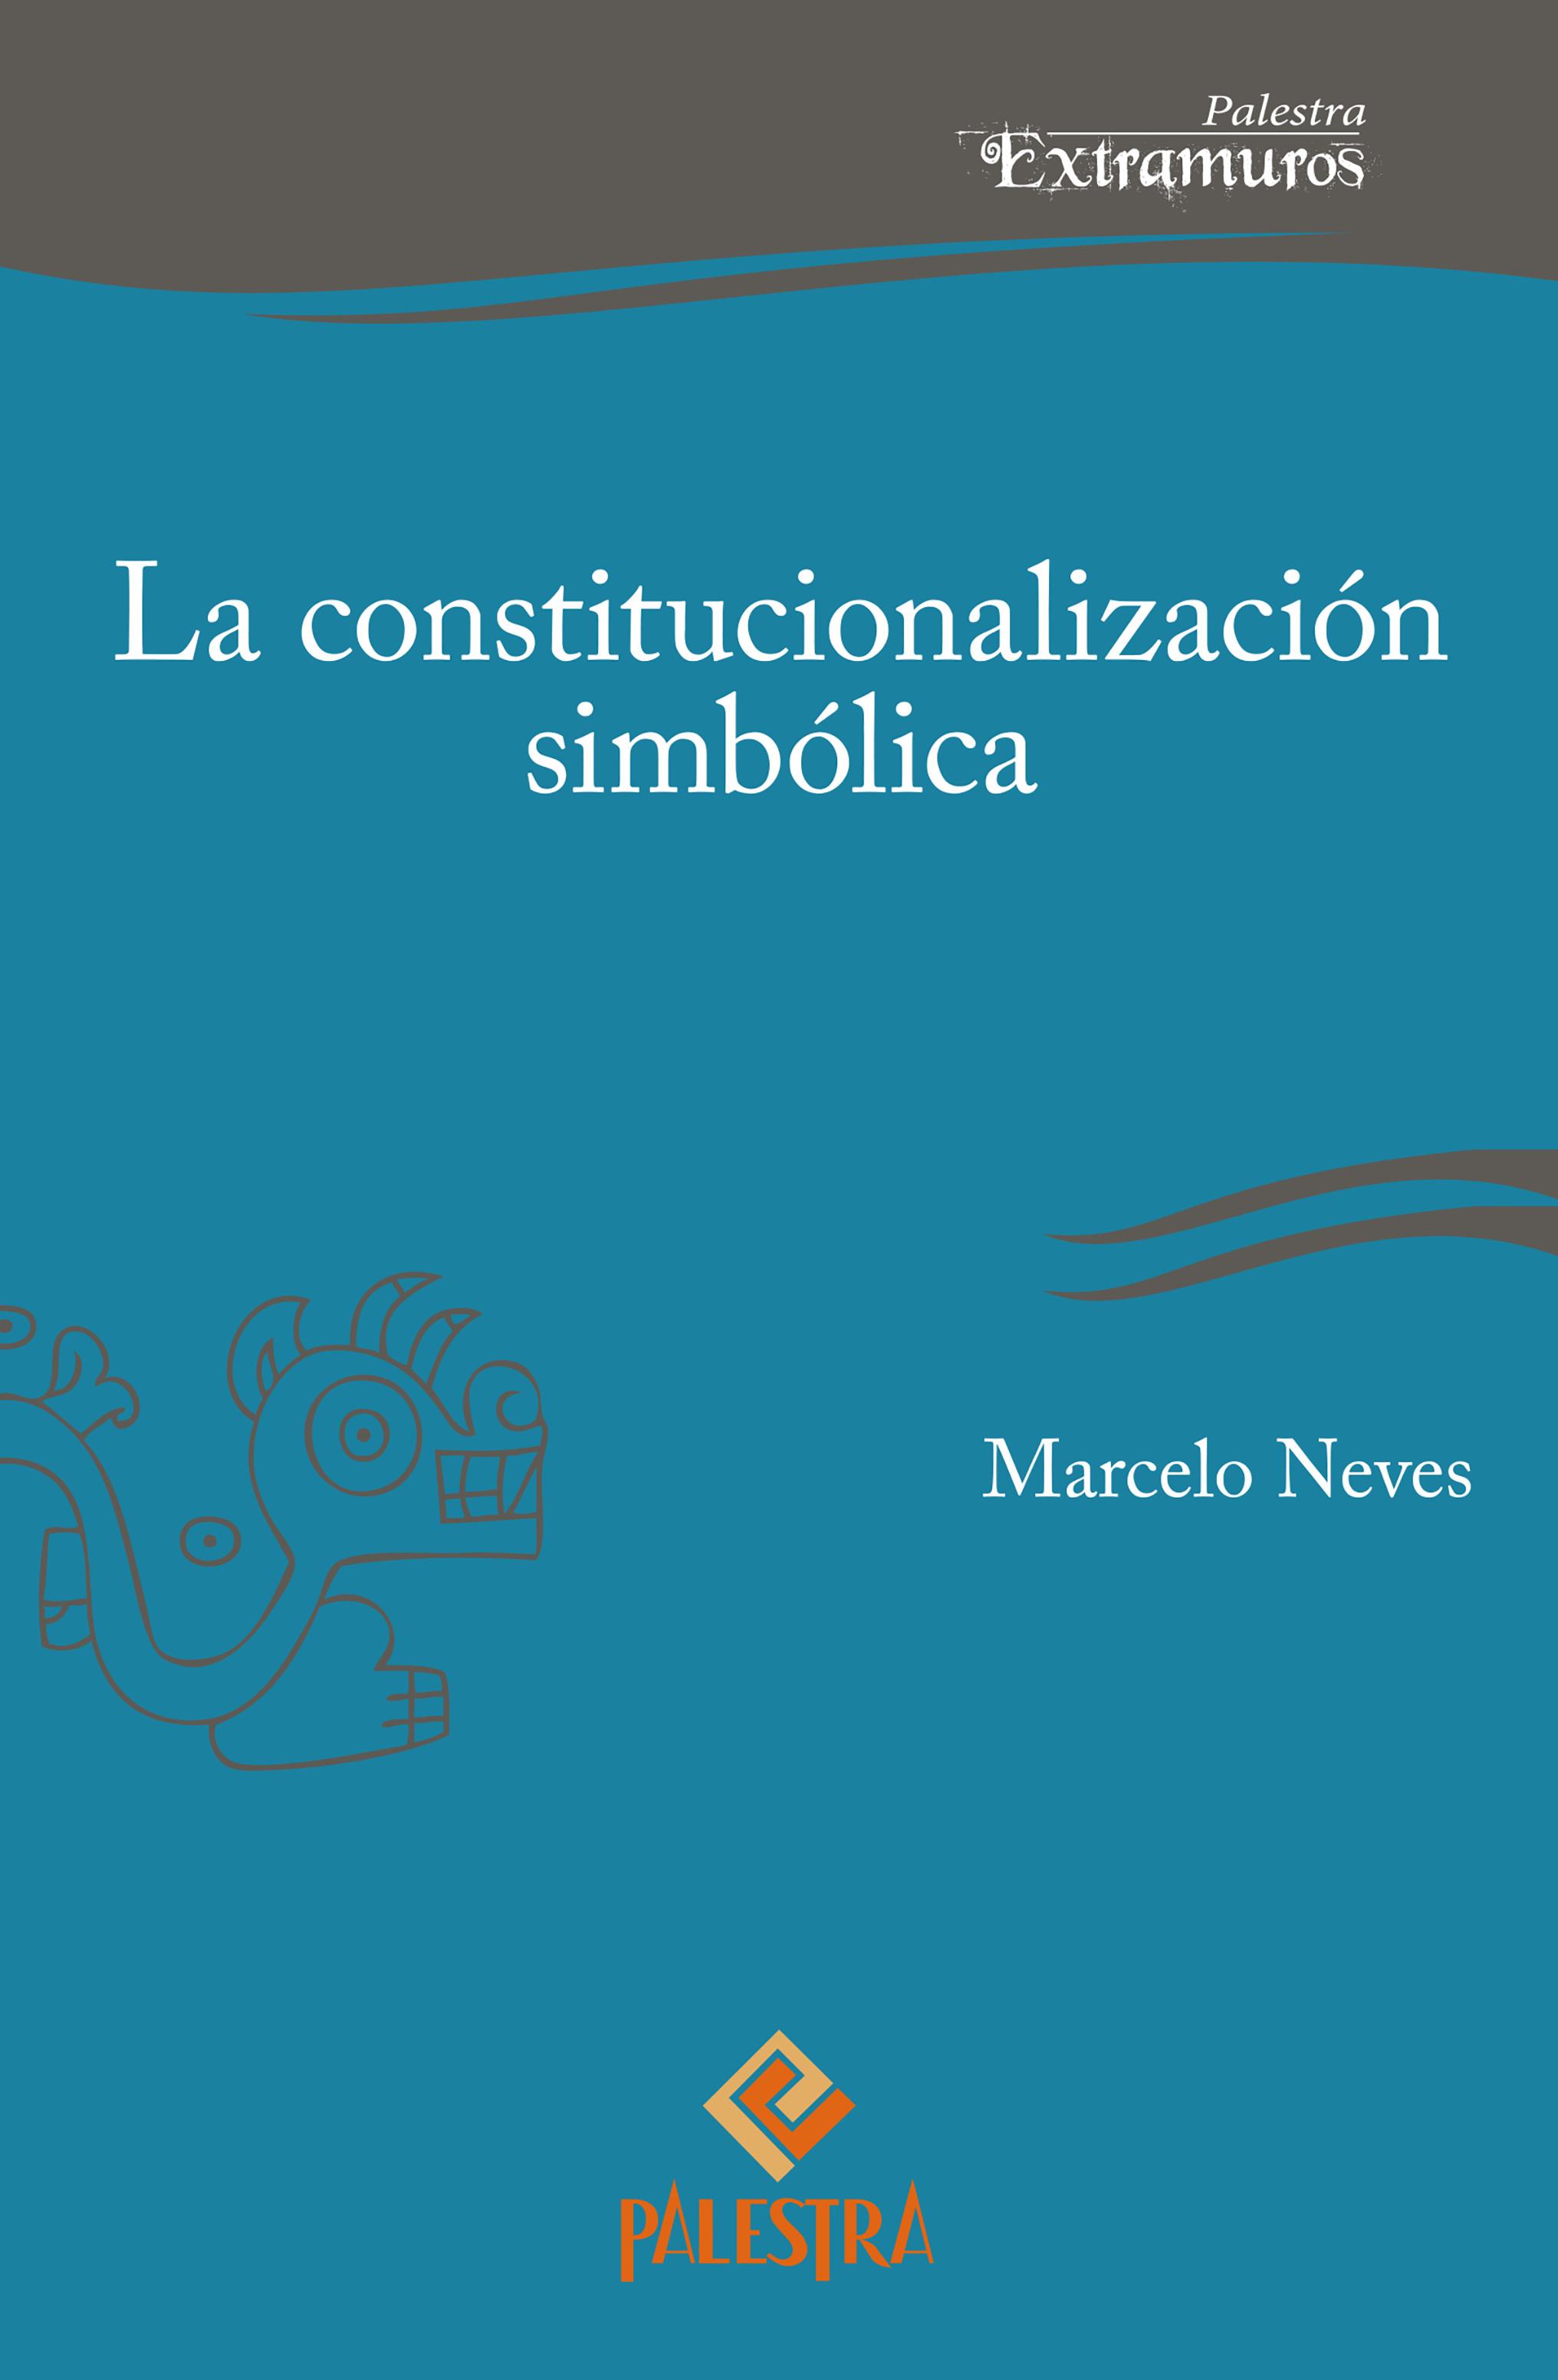 La constitucionalización simbólica